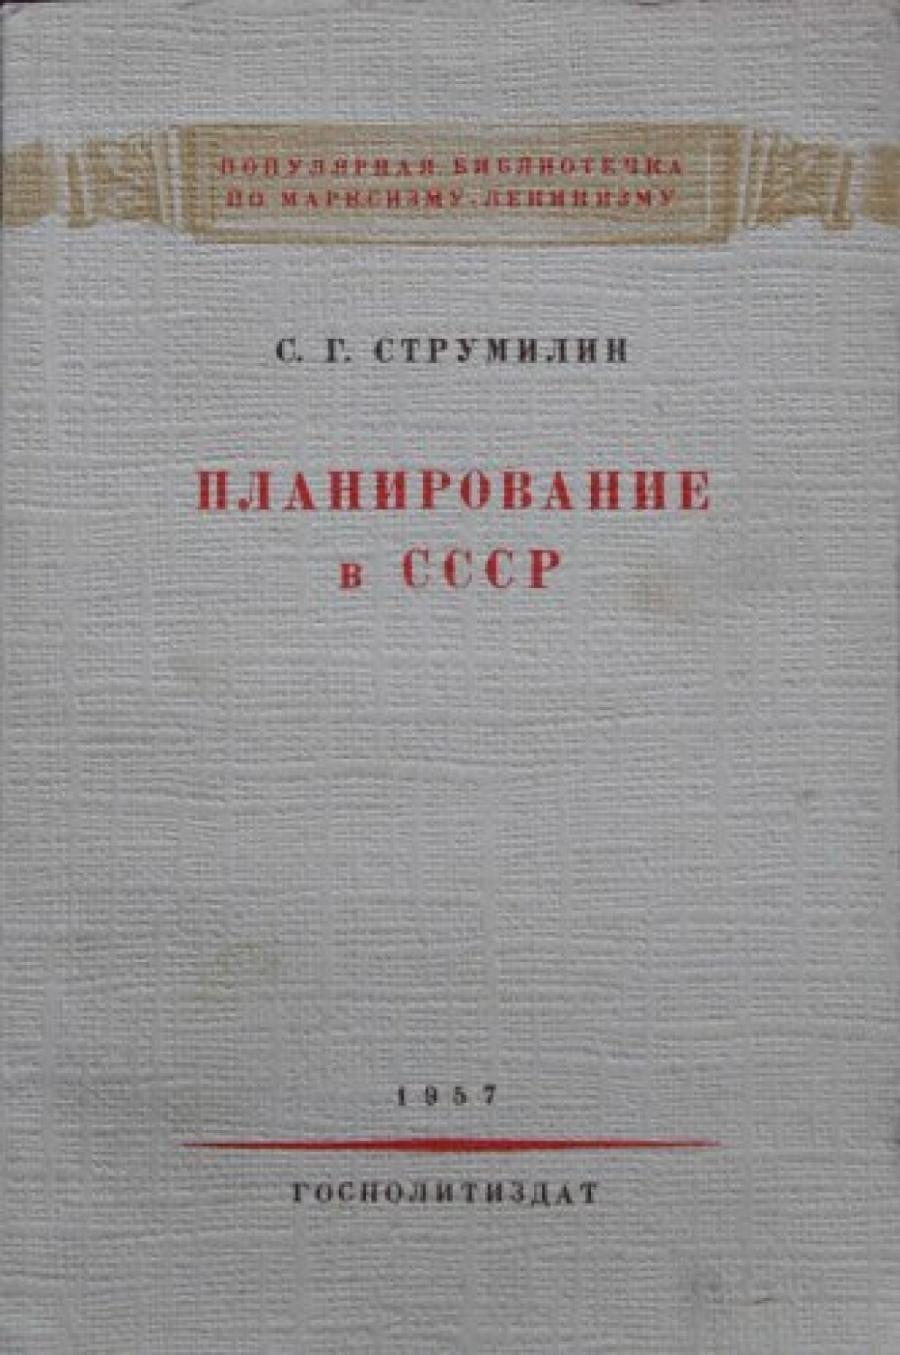 Обложка книги:  струмилин с.г. - планирование в ссср